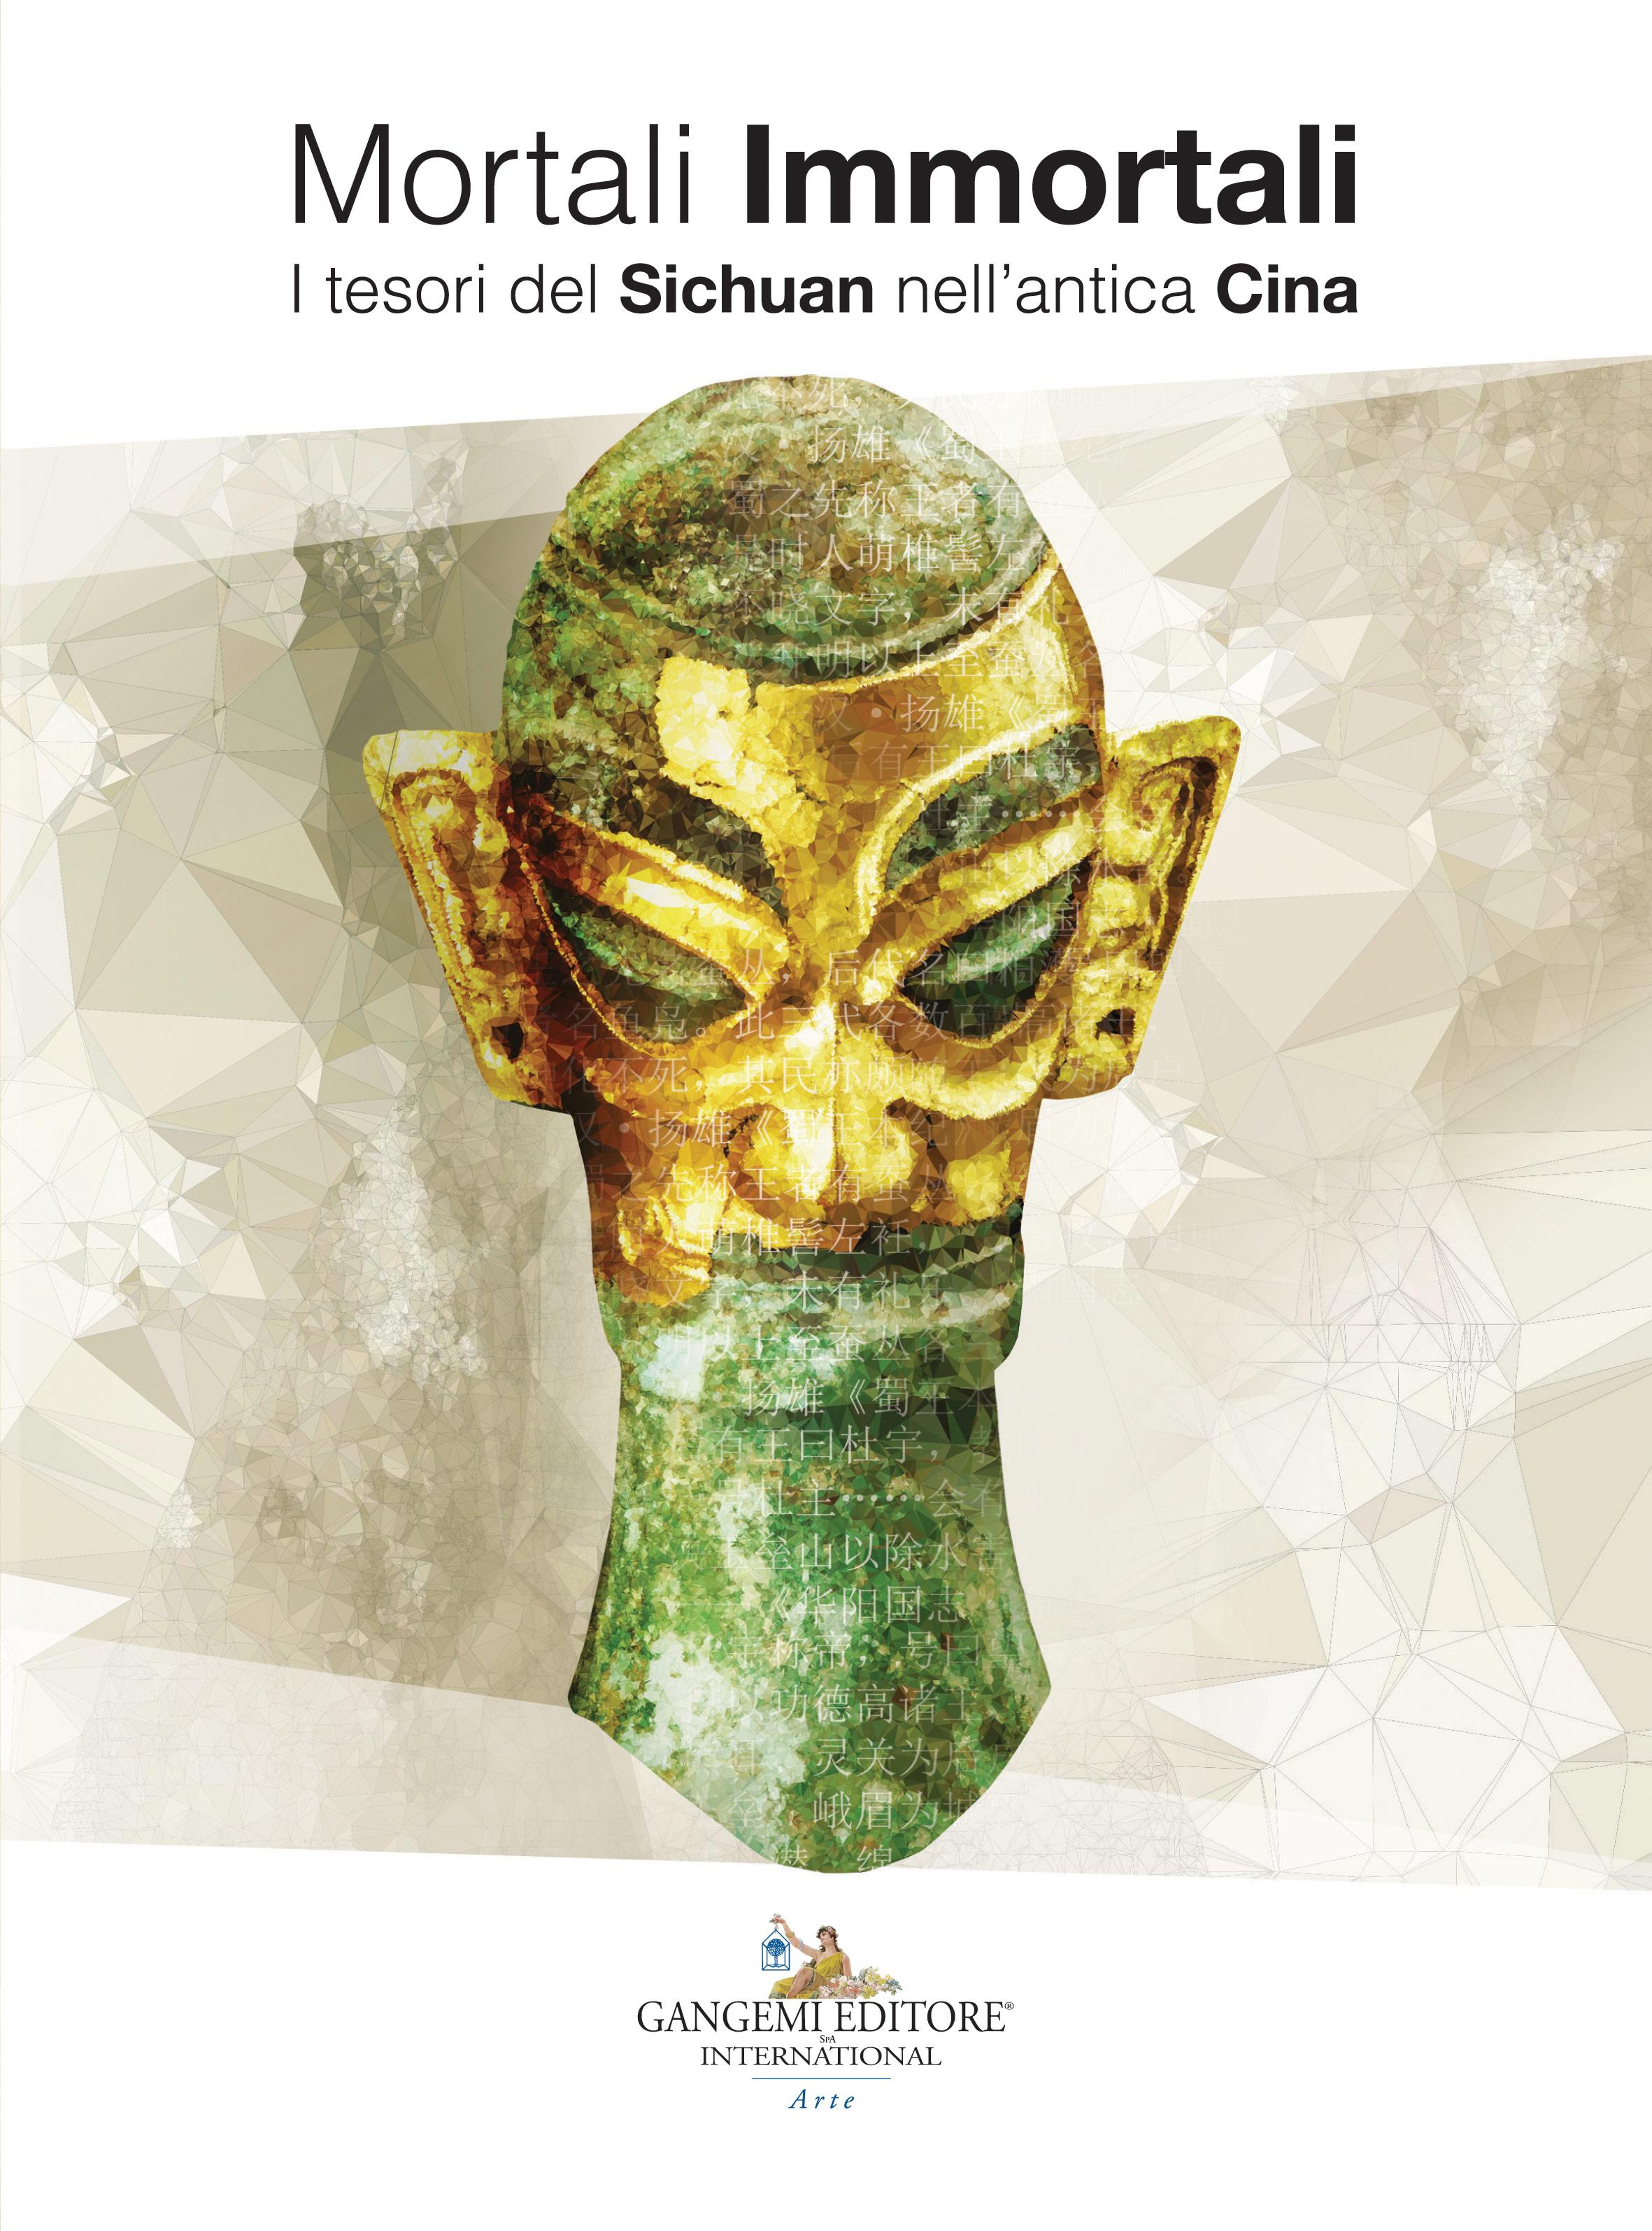 Immagine della copertina del catalogo della mostra Mortali immortali